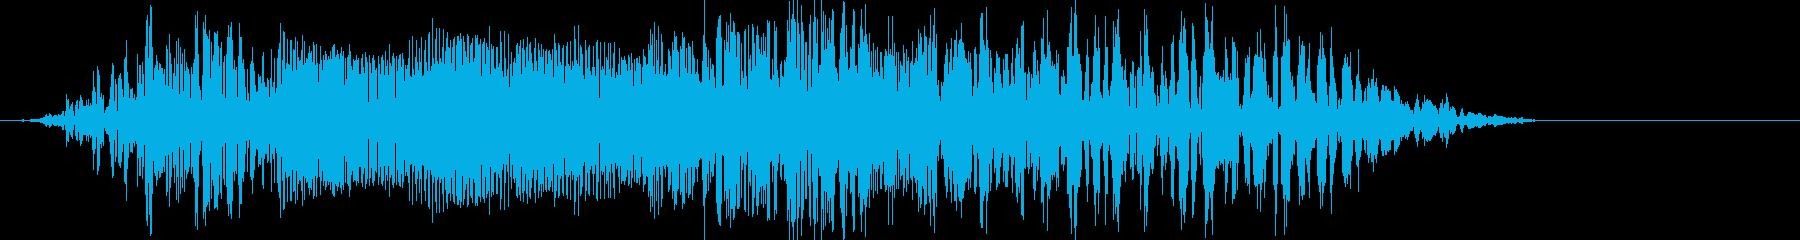 ぐおおおお(高め)の再生済みの波形